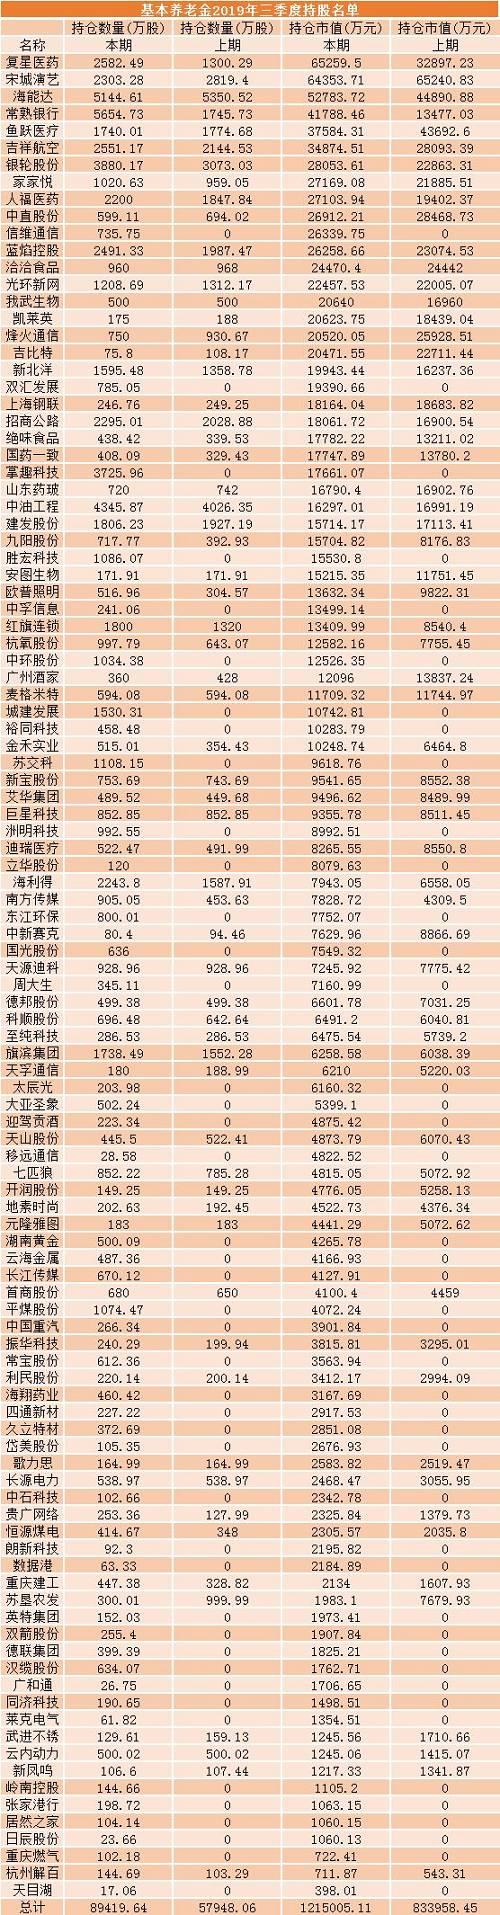 养老金委托投资突破10000亿,去年赚了9.6%!最全重仓股在此